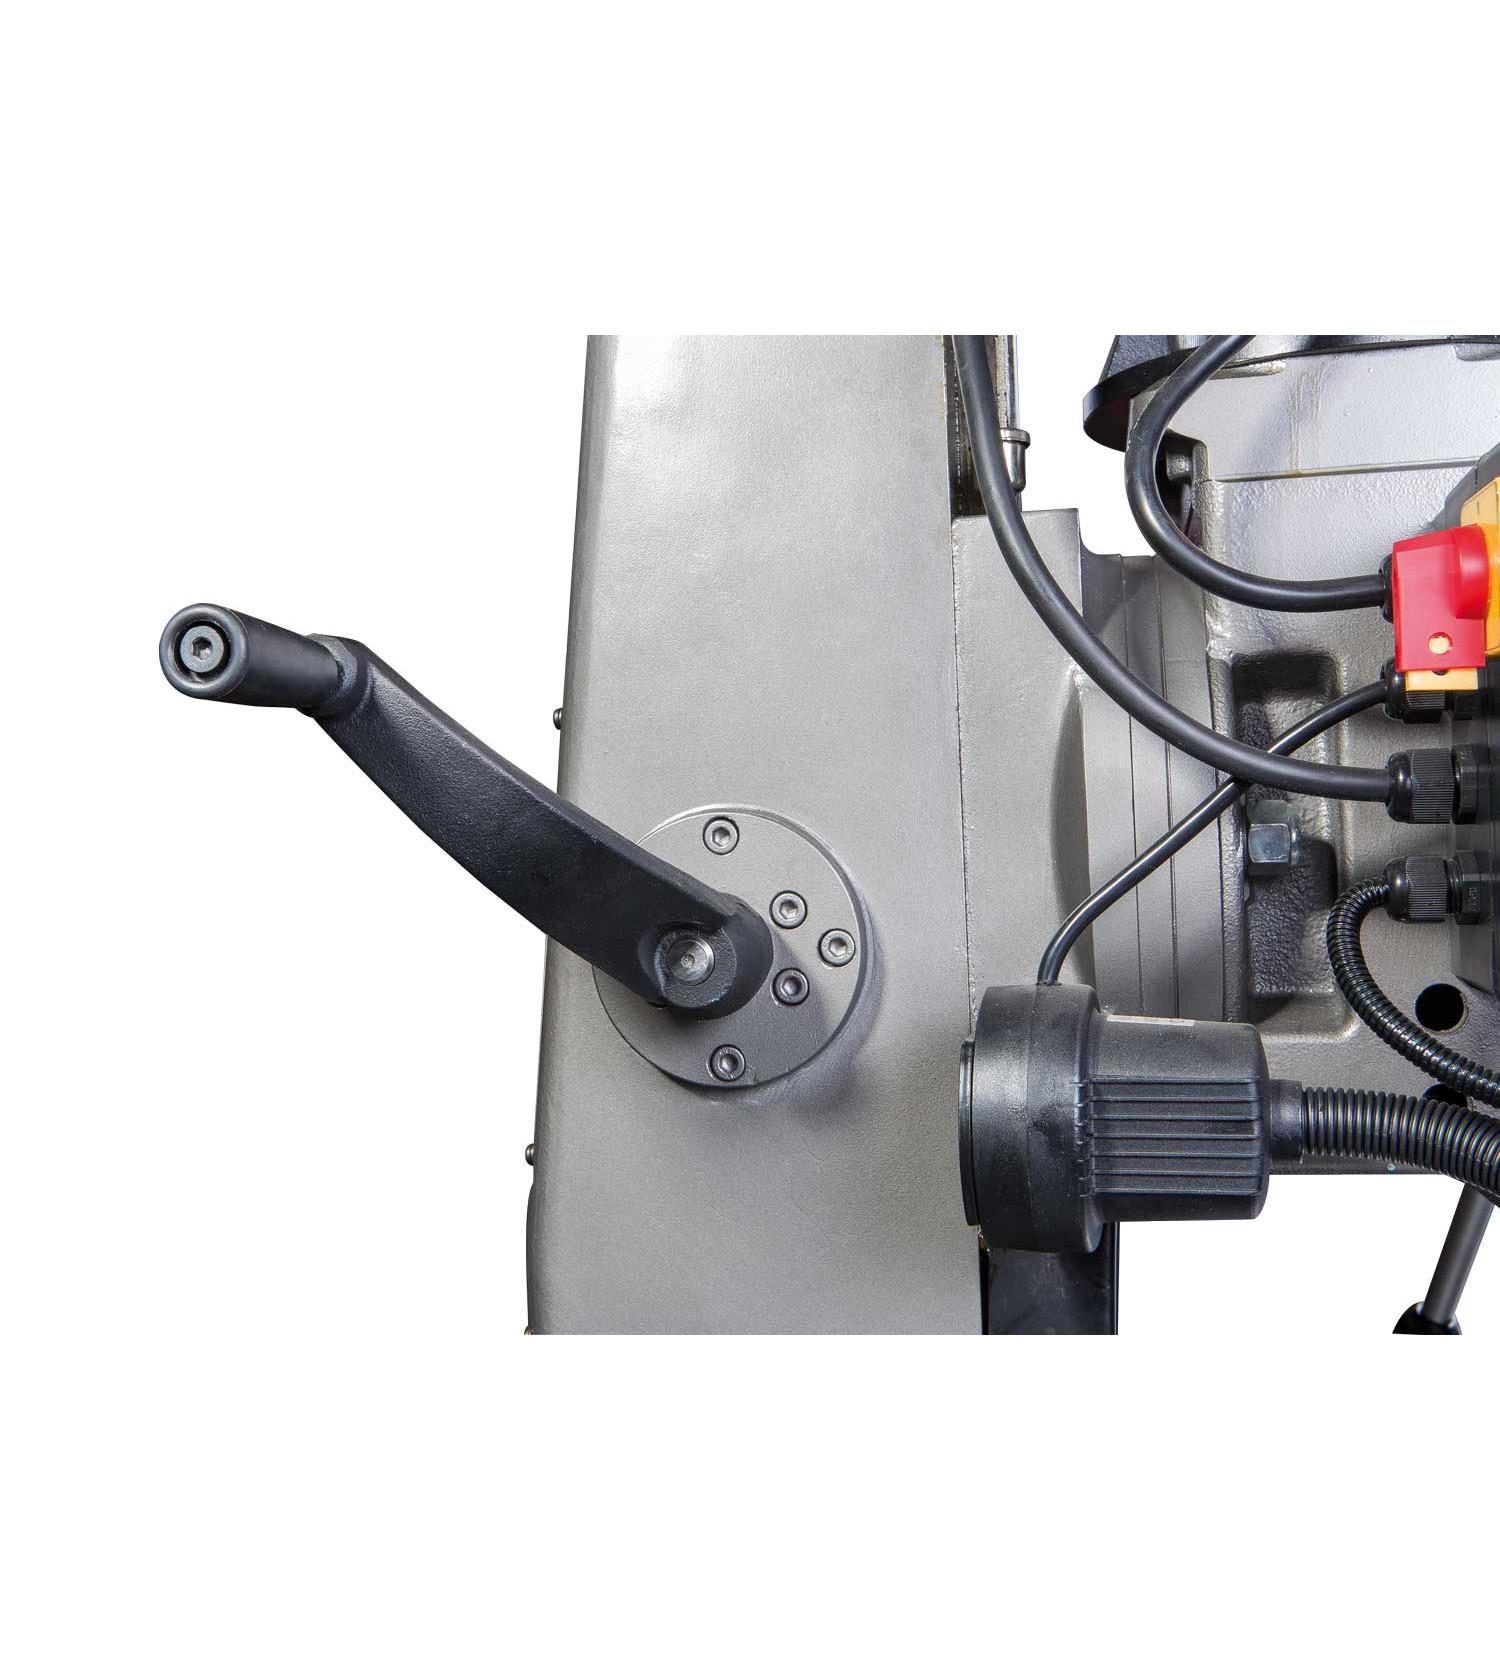 Сверлильно-фрезерный станок JET JMD-45PFD